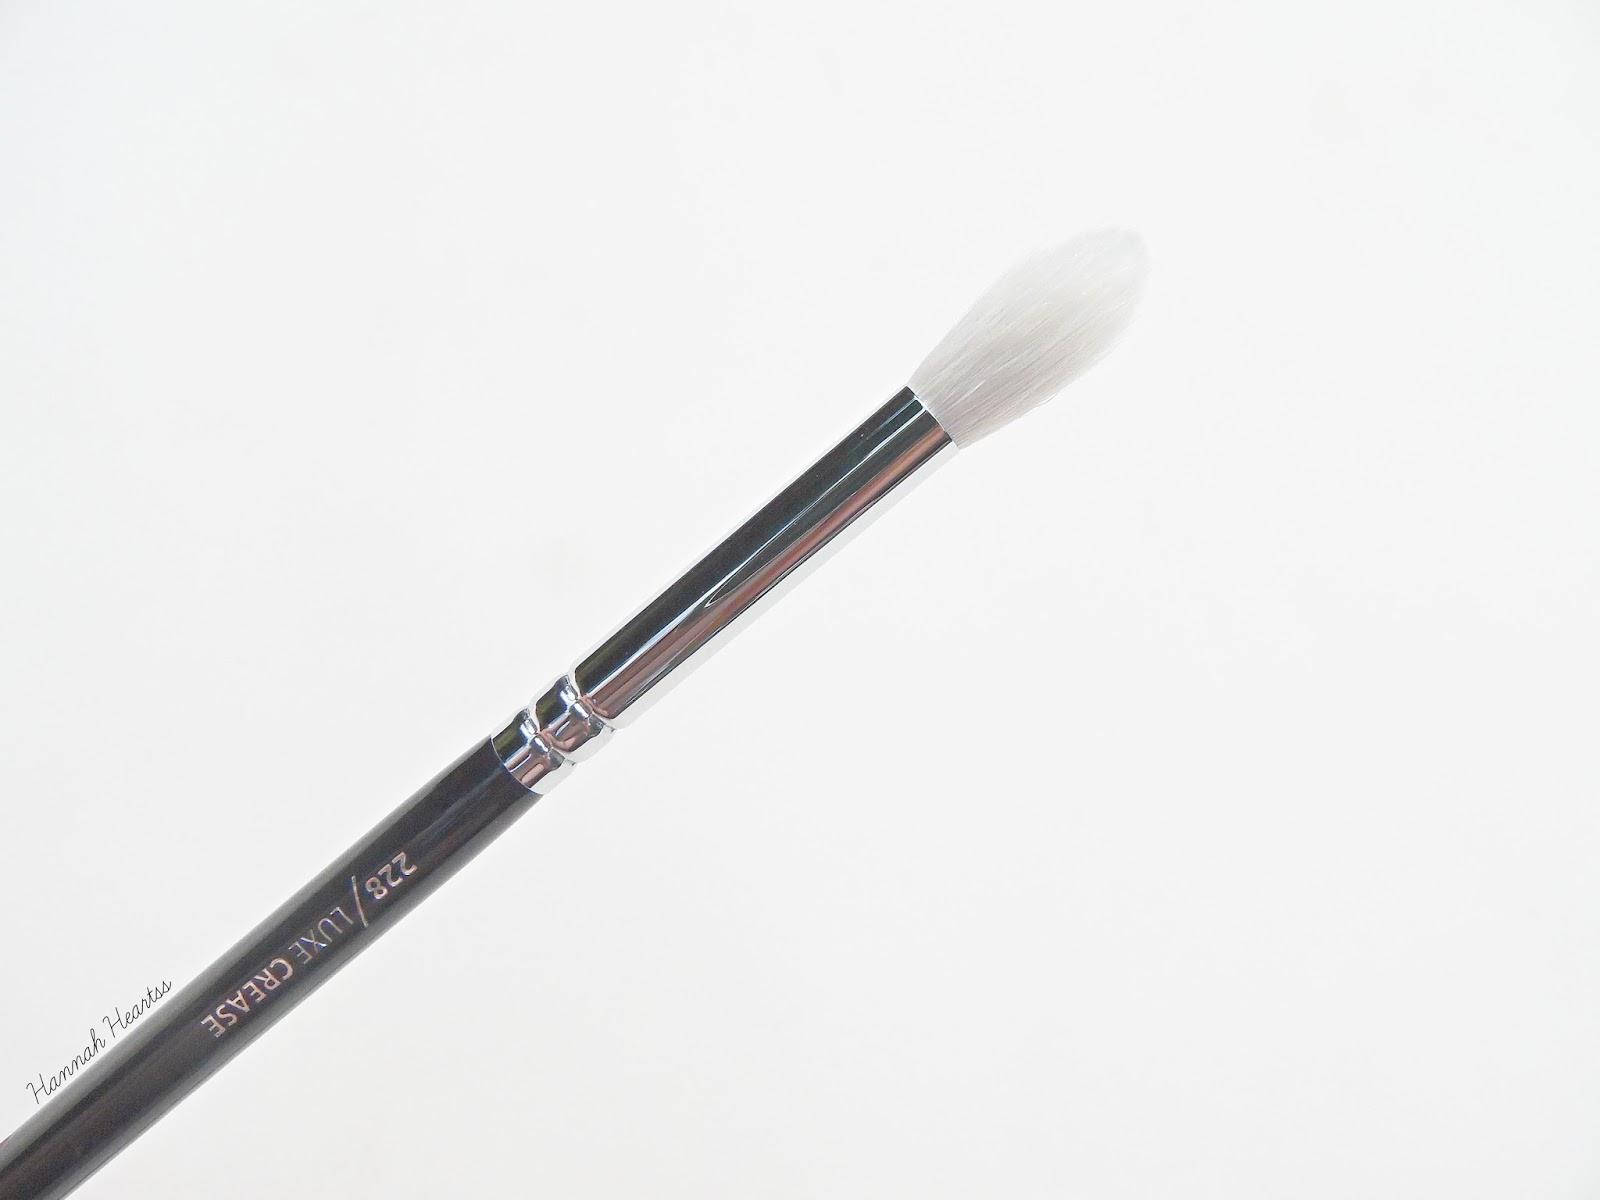 Zoeva 228 Luxe Crease Brush Review